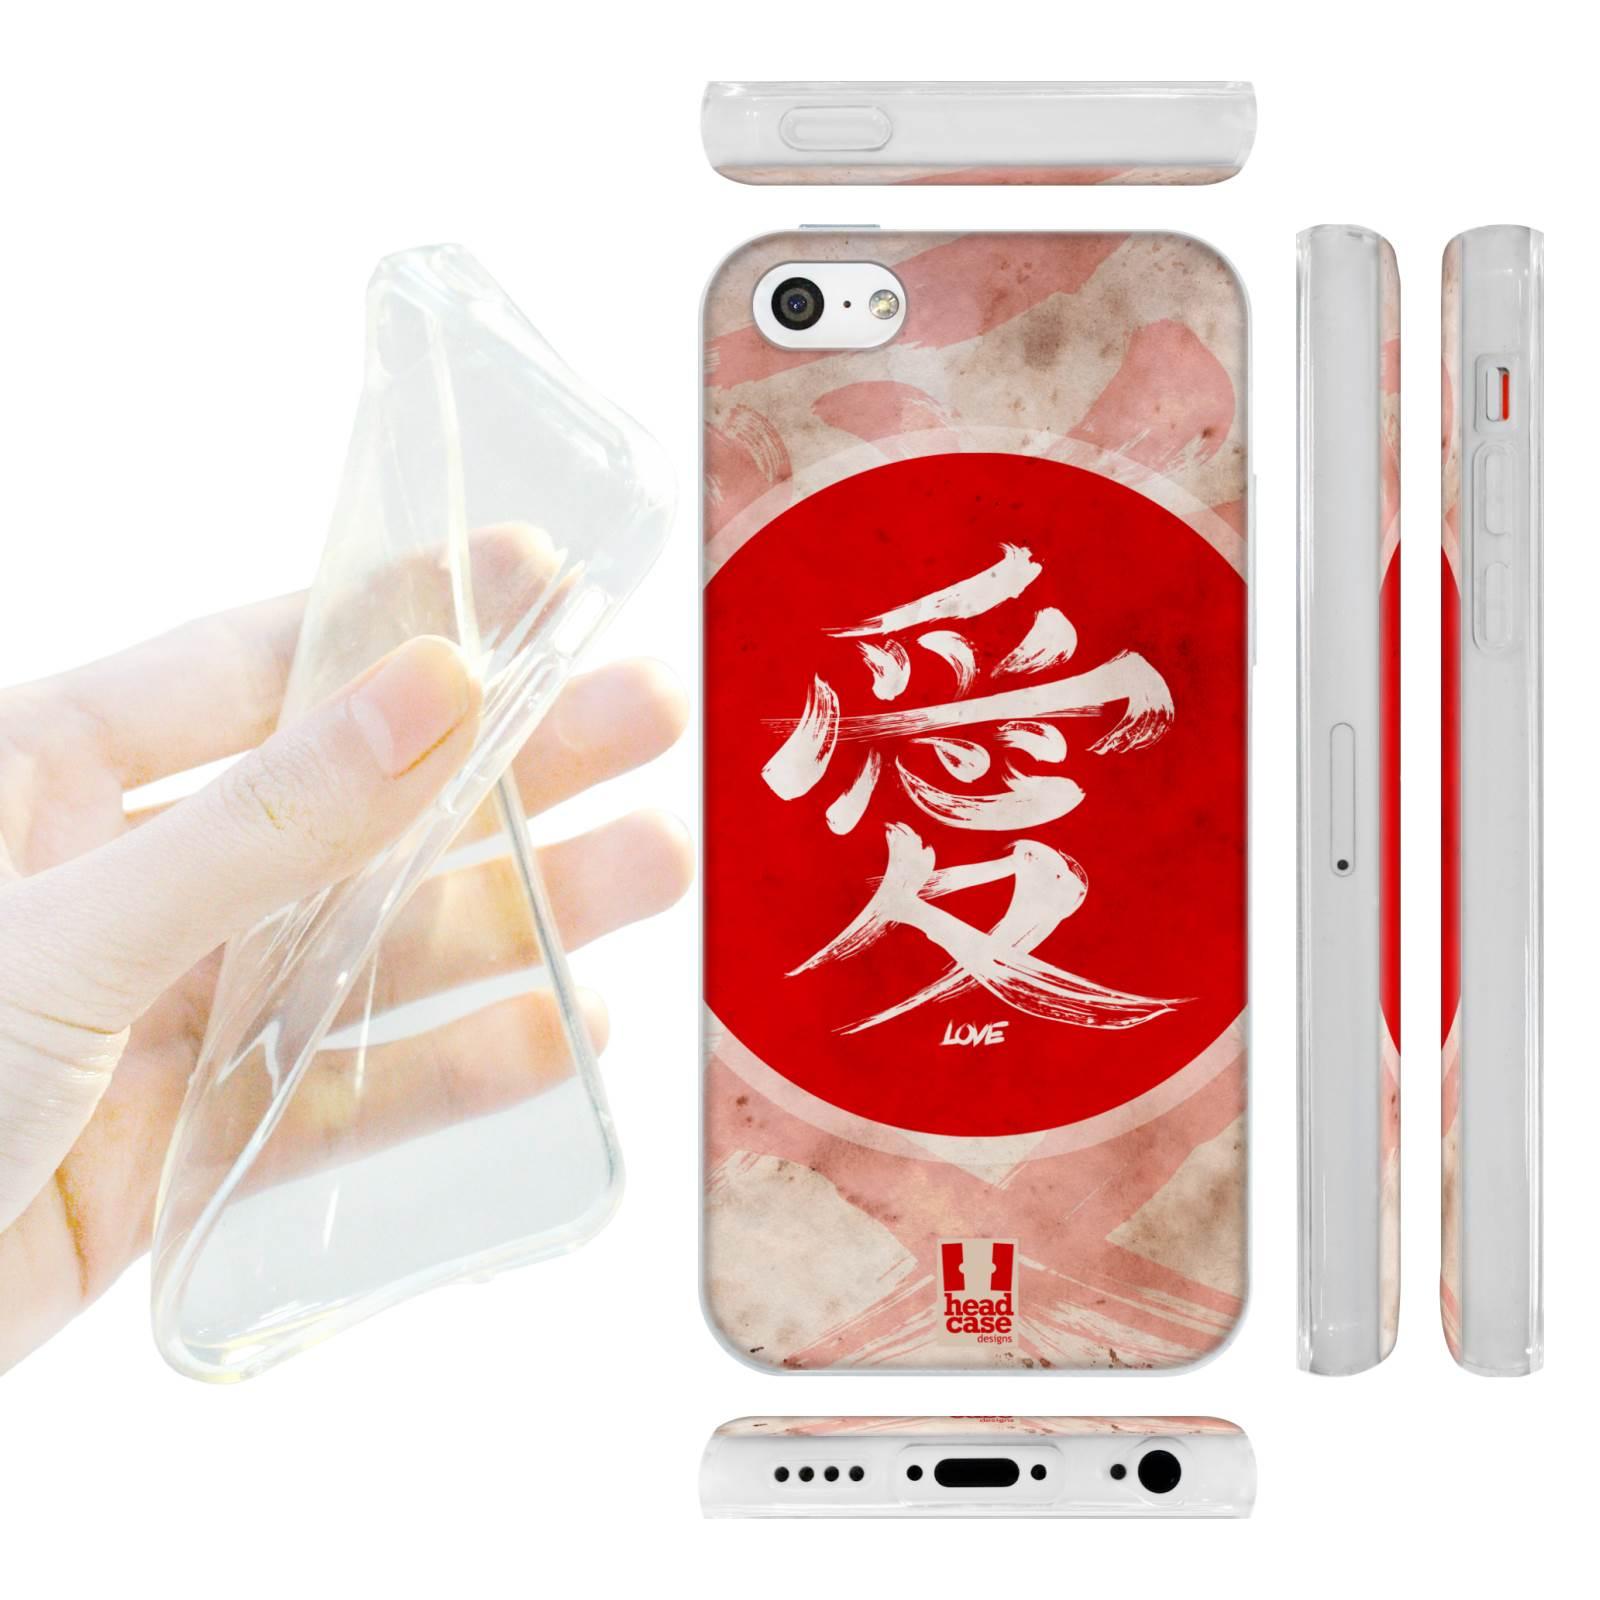 HEAD CASE silikonový obal na mobil Iphone 5C Japonské znaky LÁSKA empty 4c5915c56db